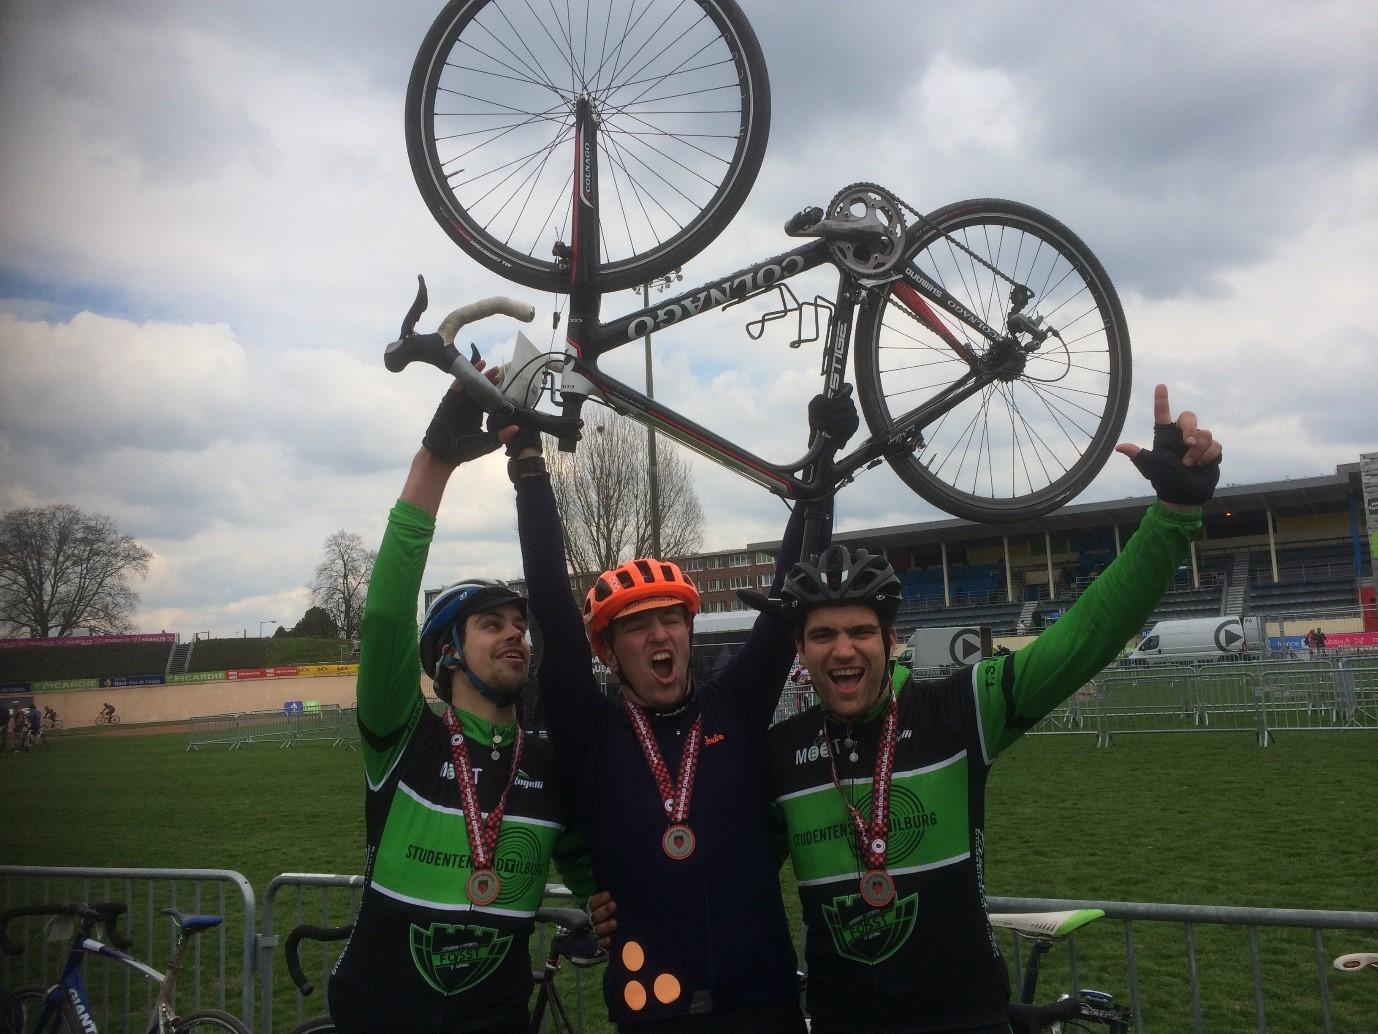 Cobbles Cycling Parijs Roubaix Challenge Velodrome